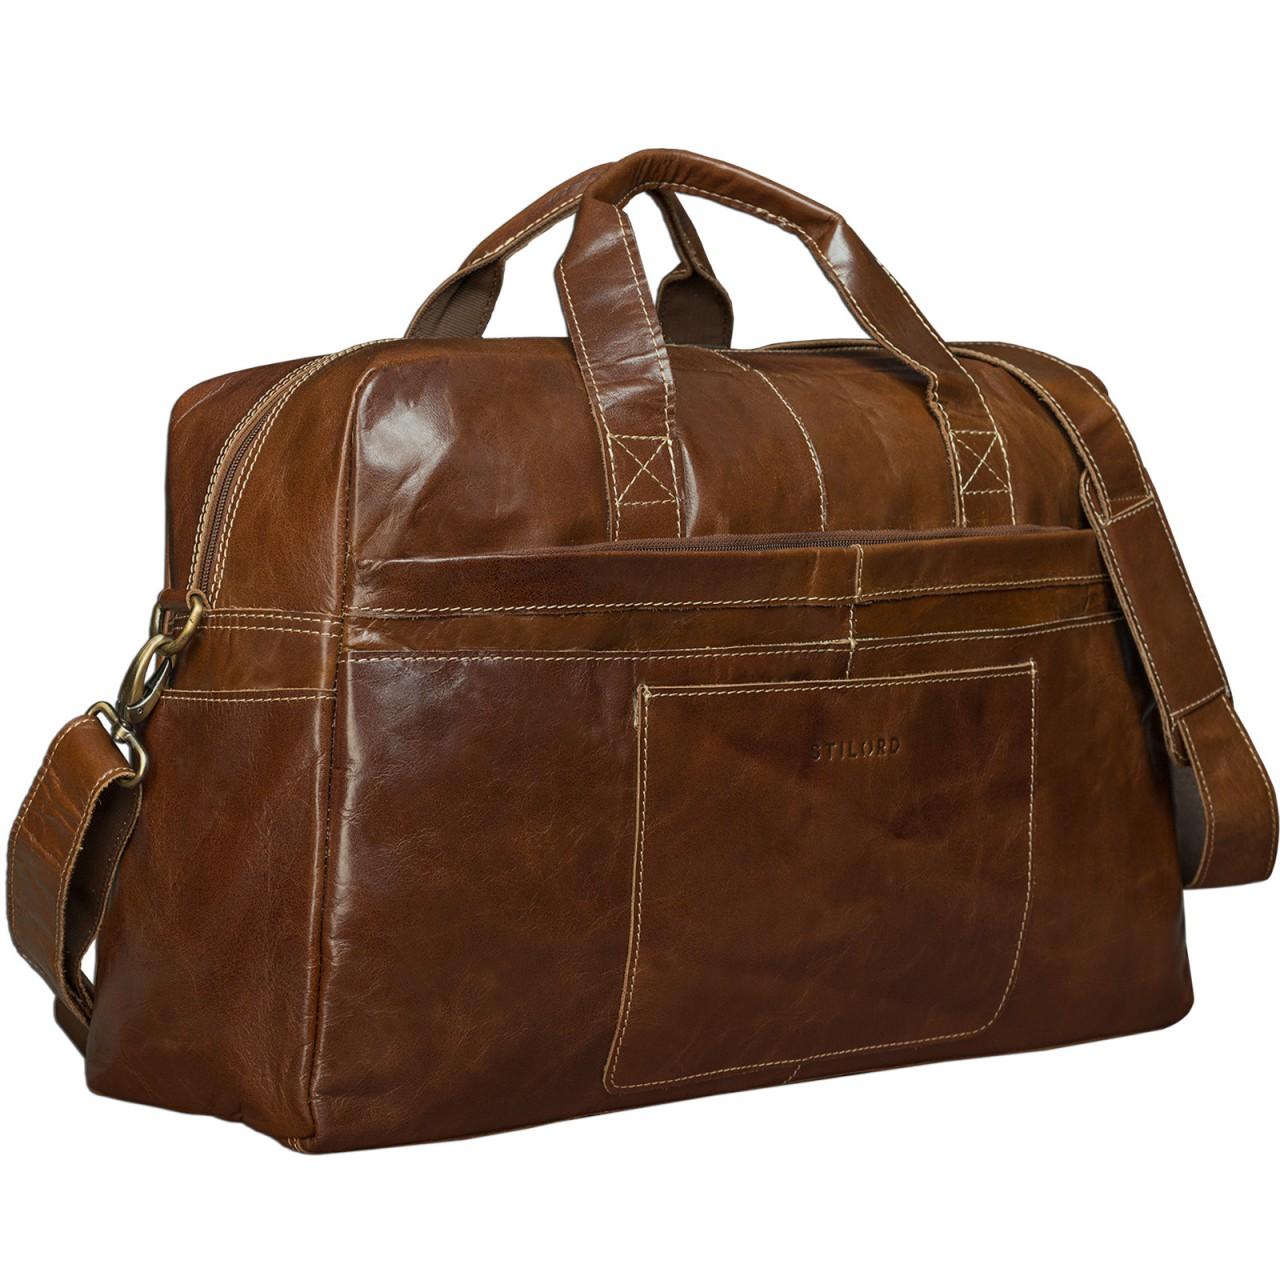 STILORD Vintage Reisetasche Umhängetasche Unisex Weekender für Flugzeug, Handgepäck in Kabinengröße, aus echtem Rinds Leder dunkelbraun - Bild 5